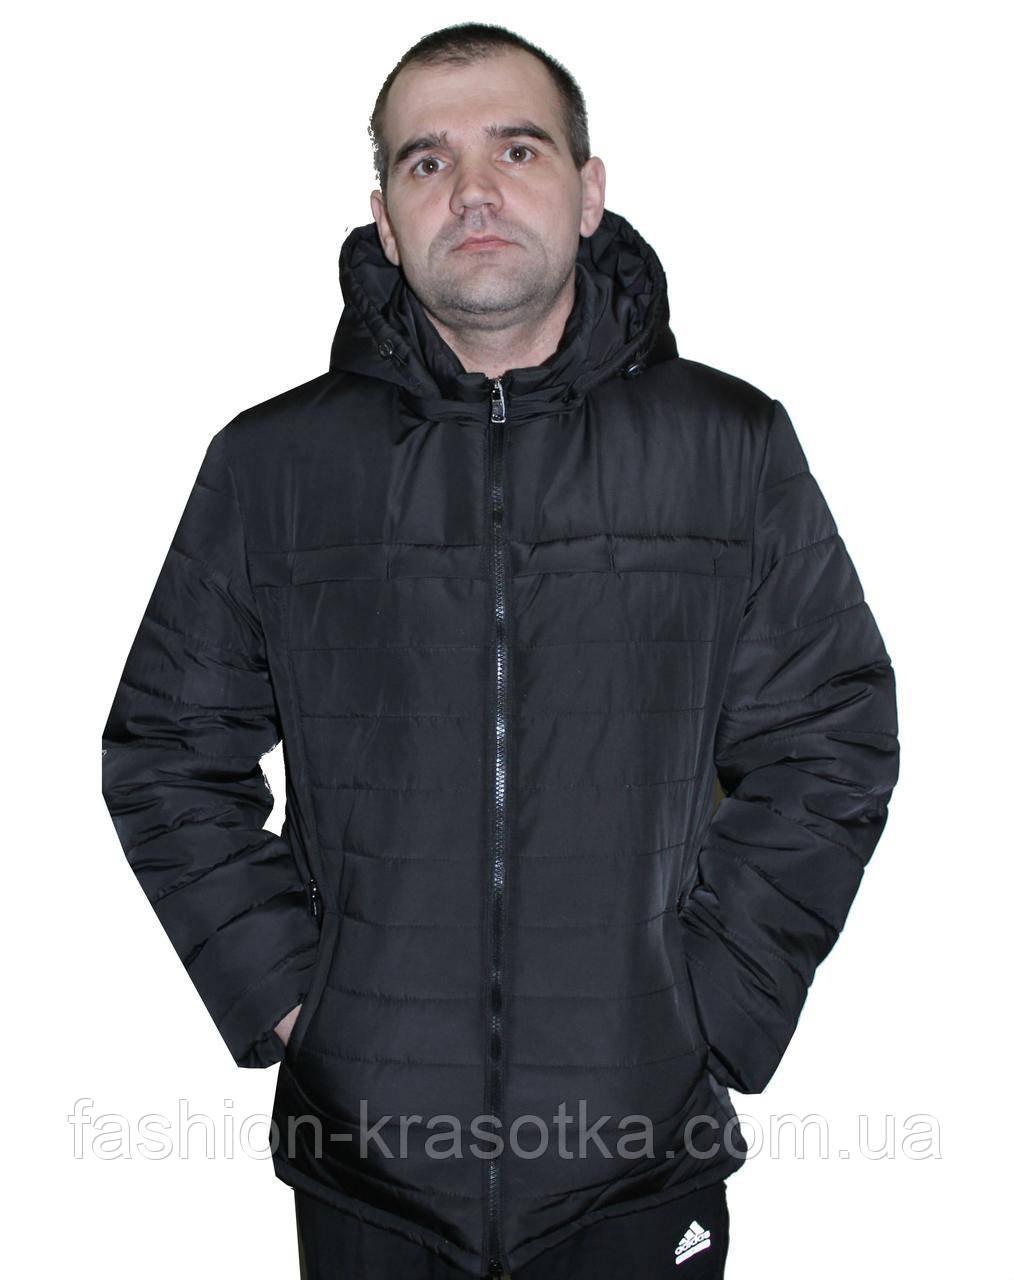 Мужская демисезонная куртка,размеры:48,50,52,54,56,58,60,62.